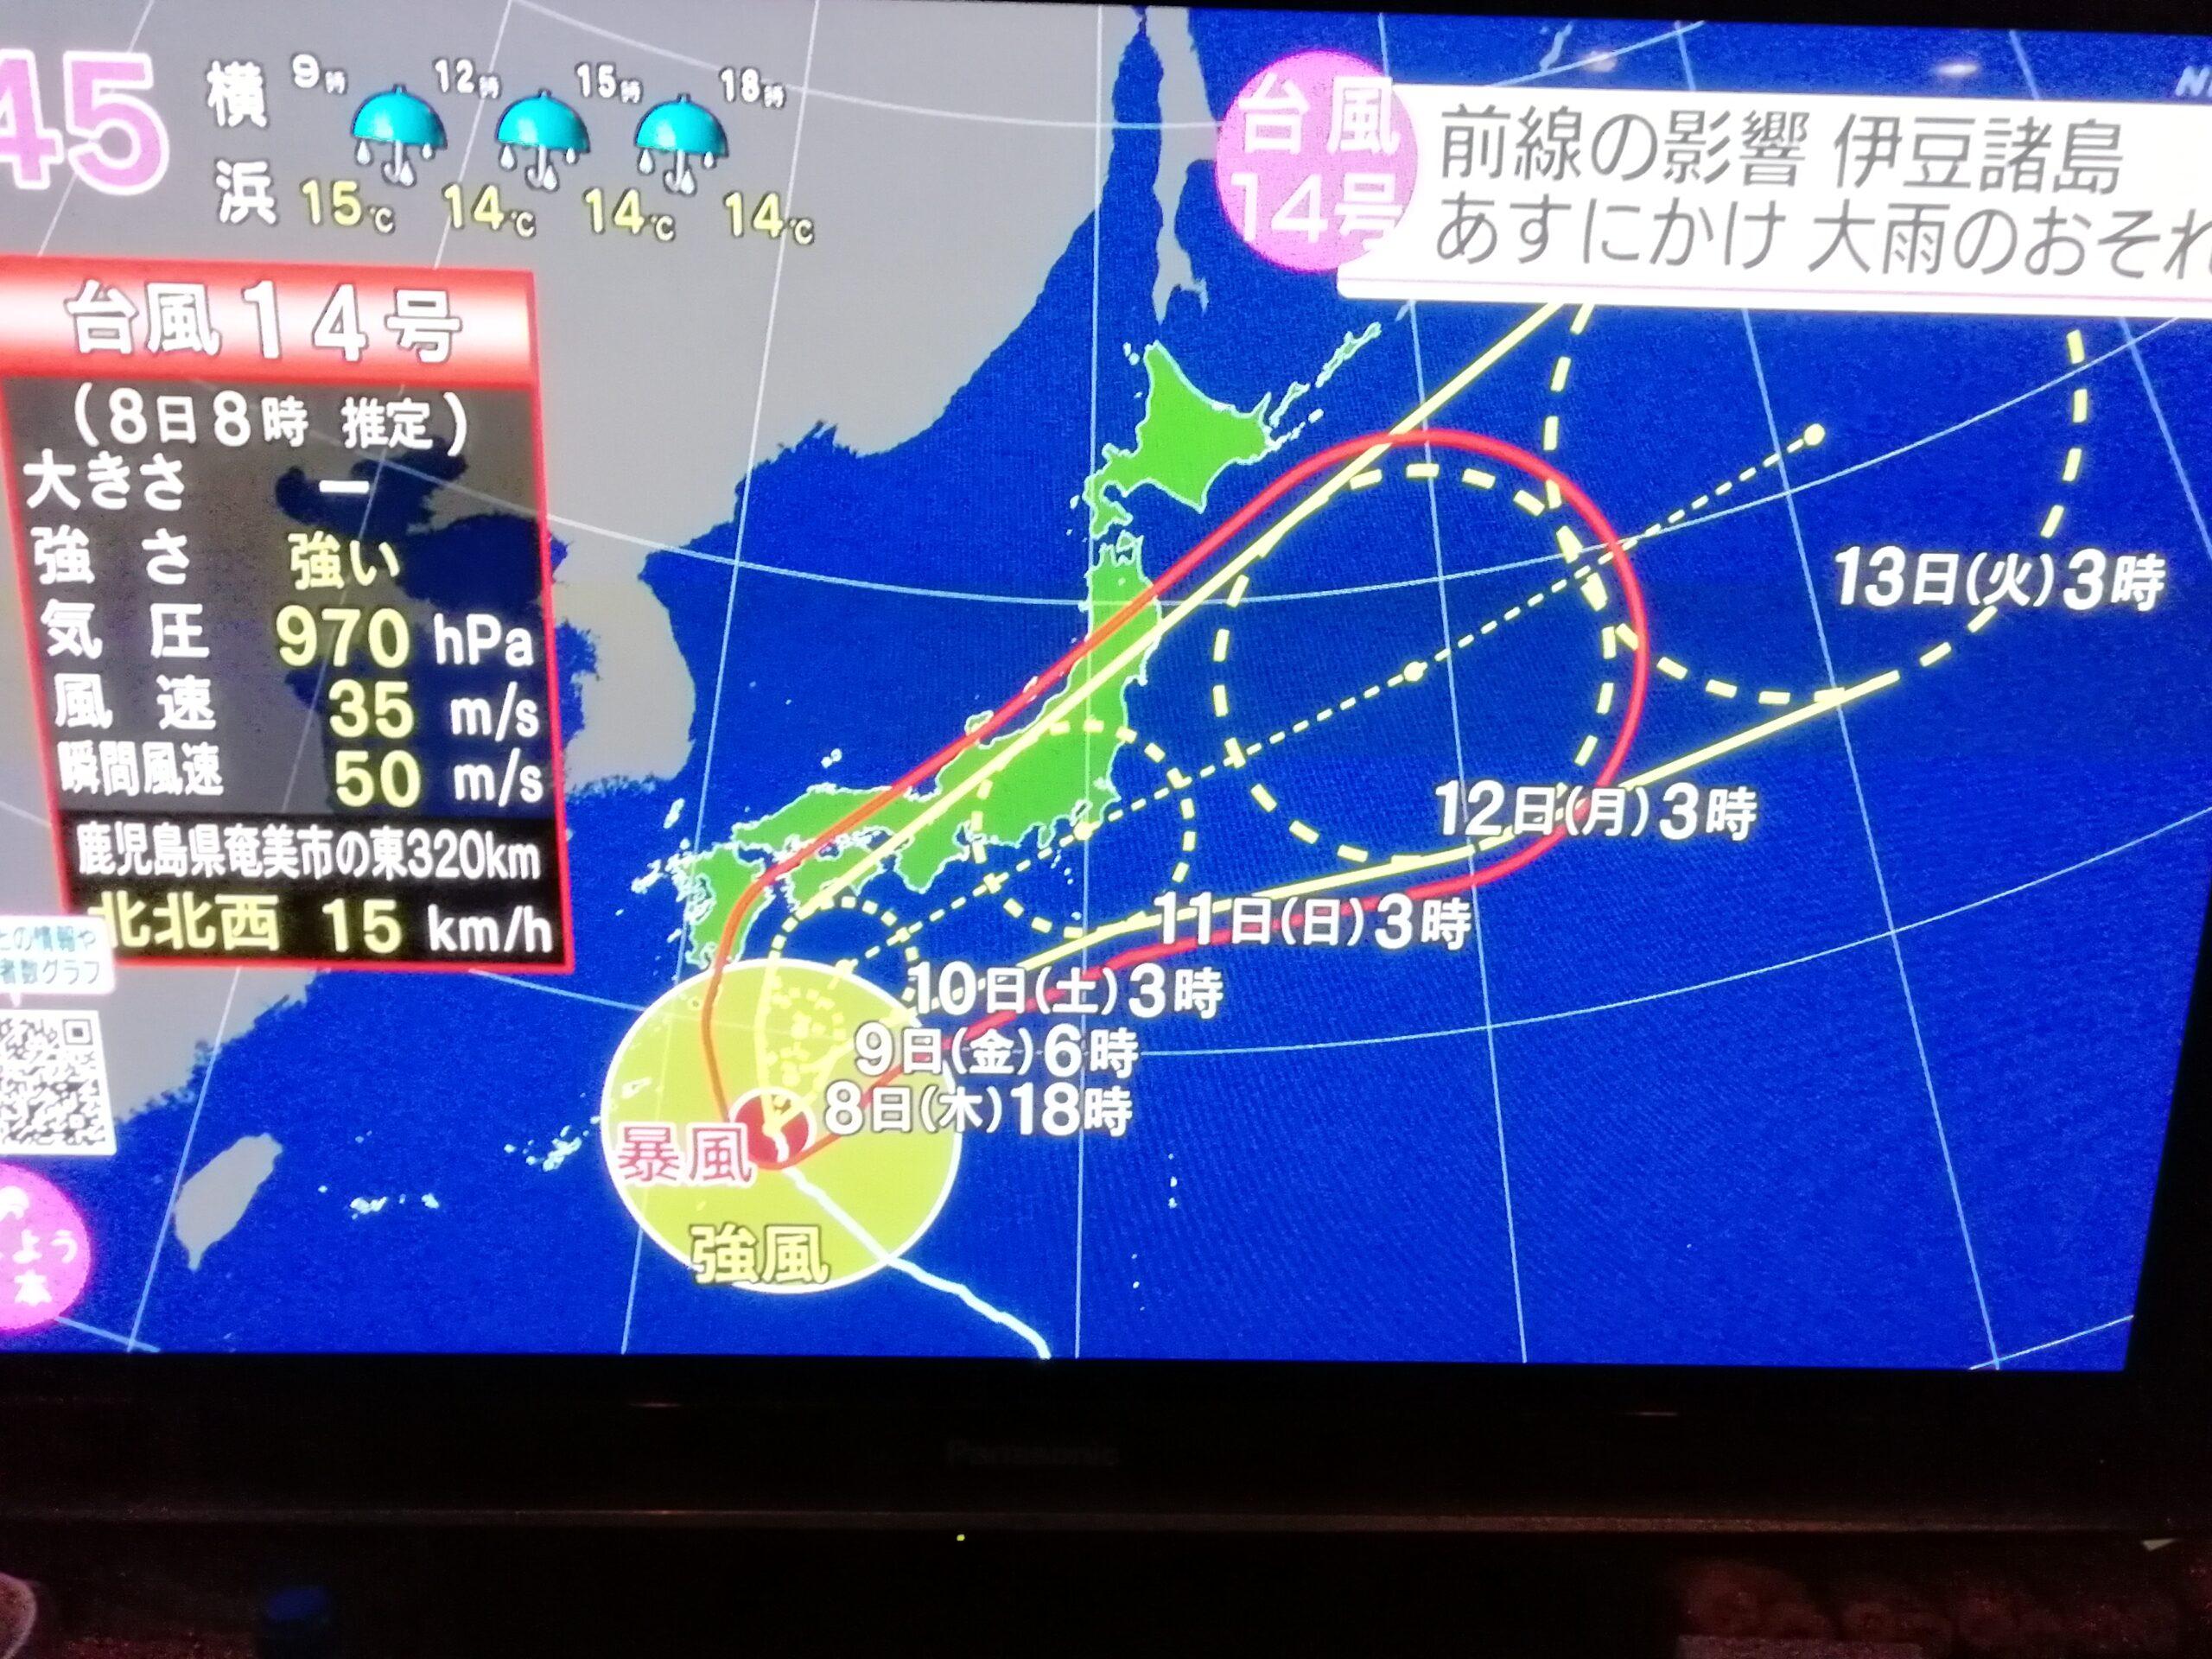 伊豆諸島の海況は今週末まで厳しいー台風14号が影響、今週は釣り自粛しましょう